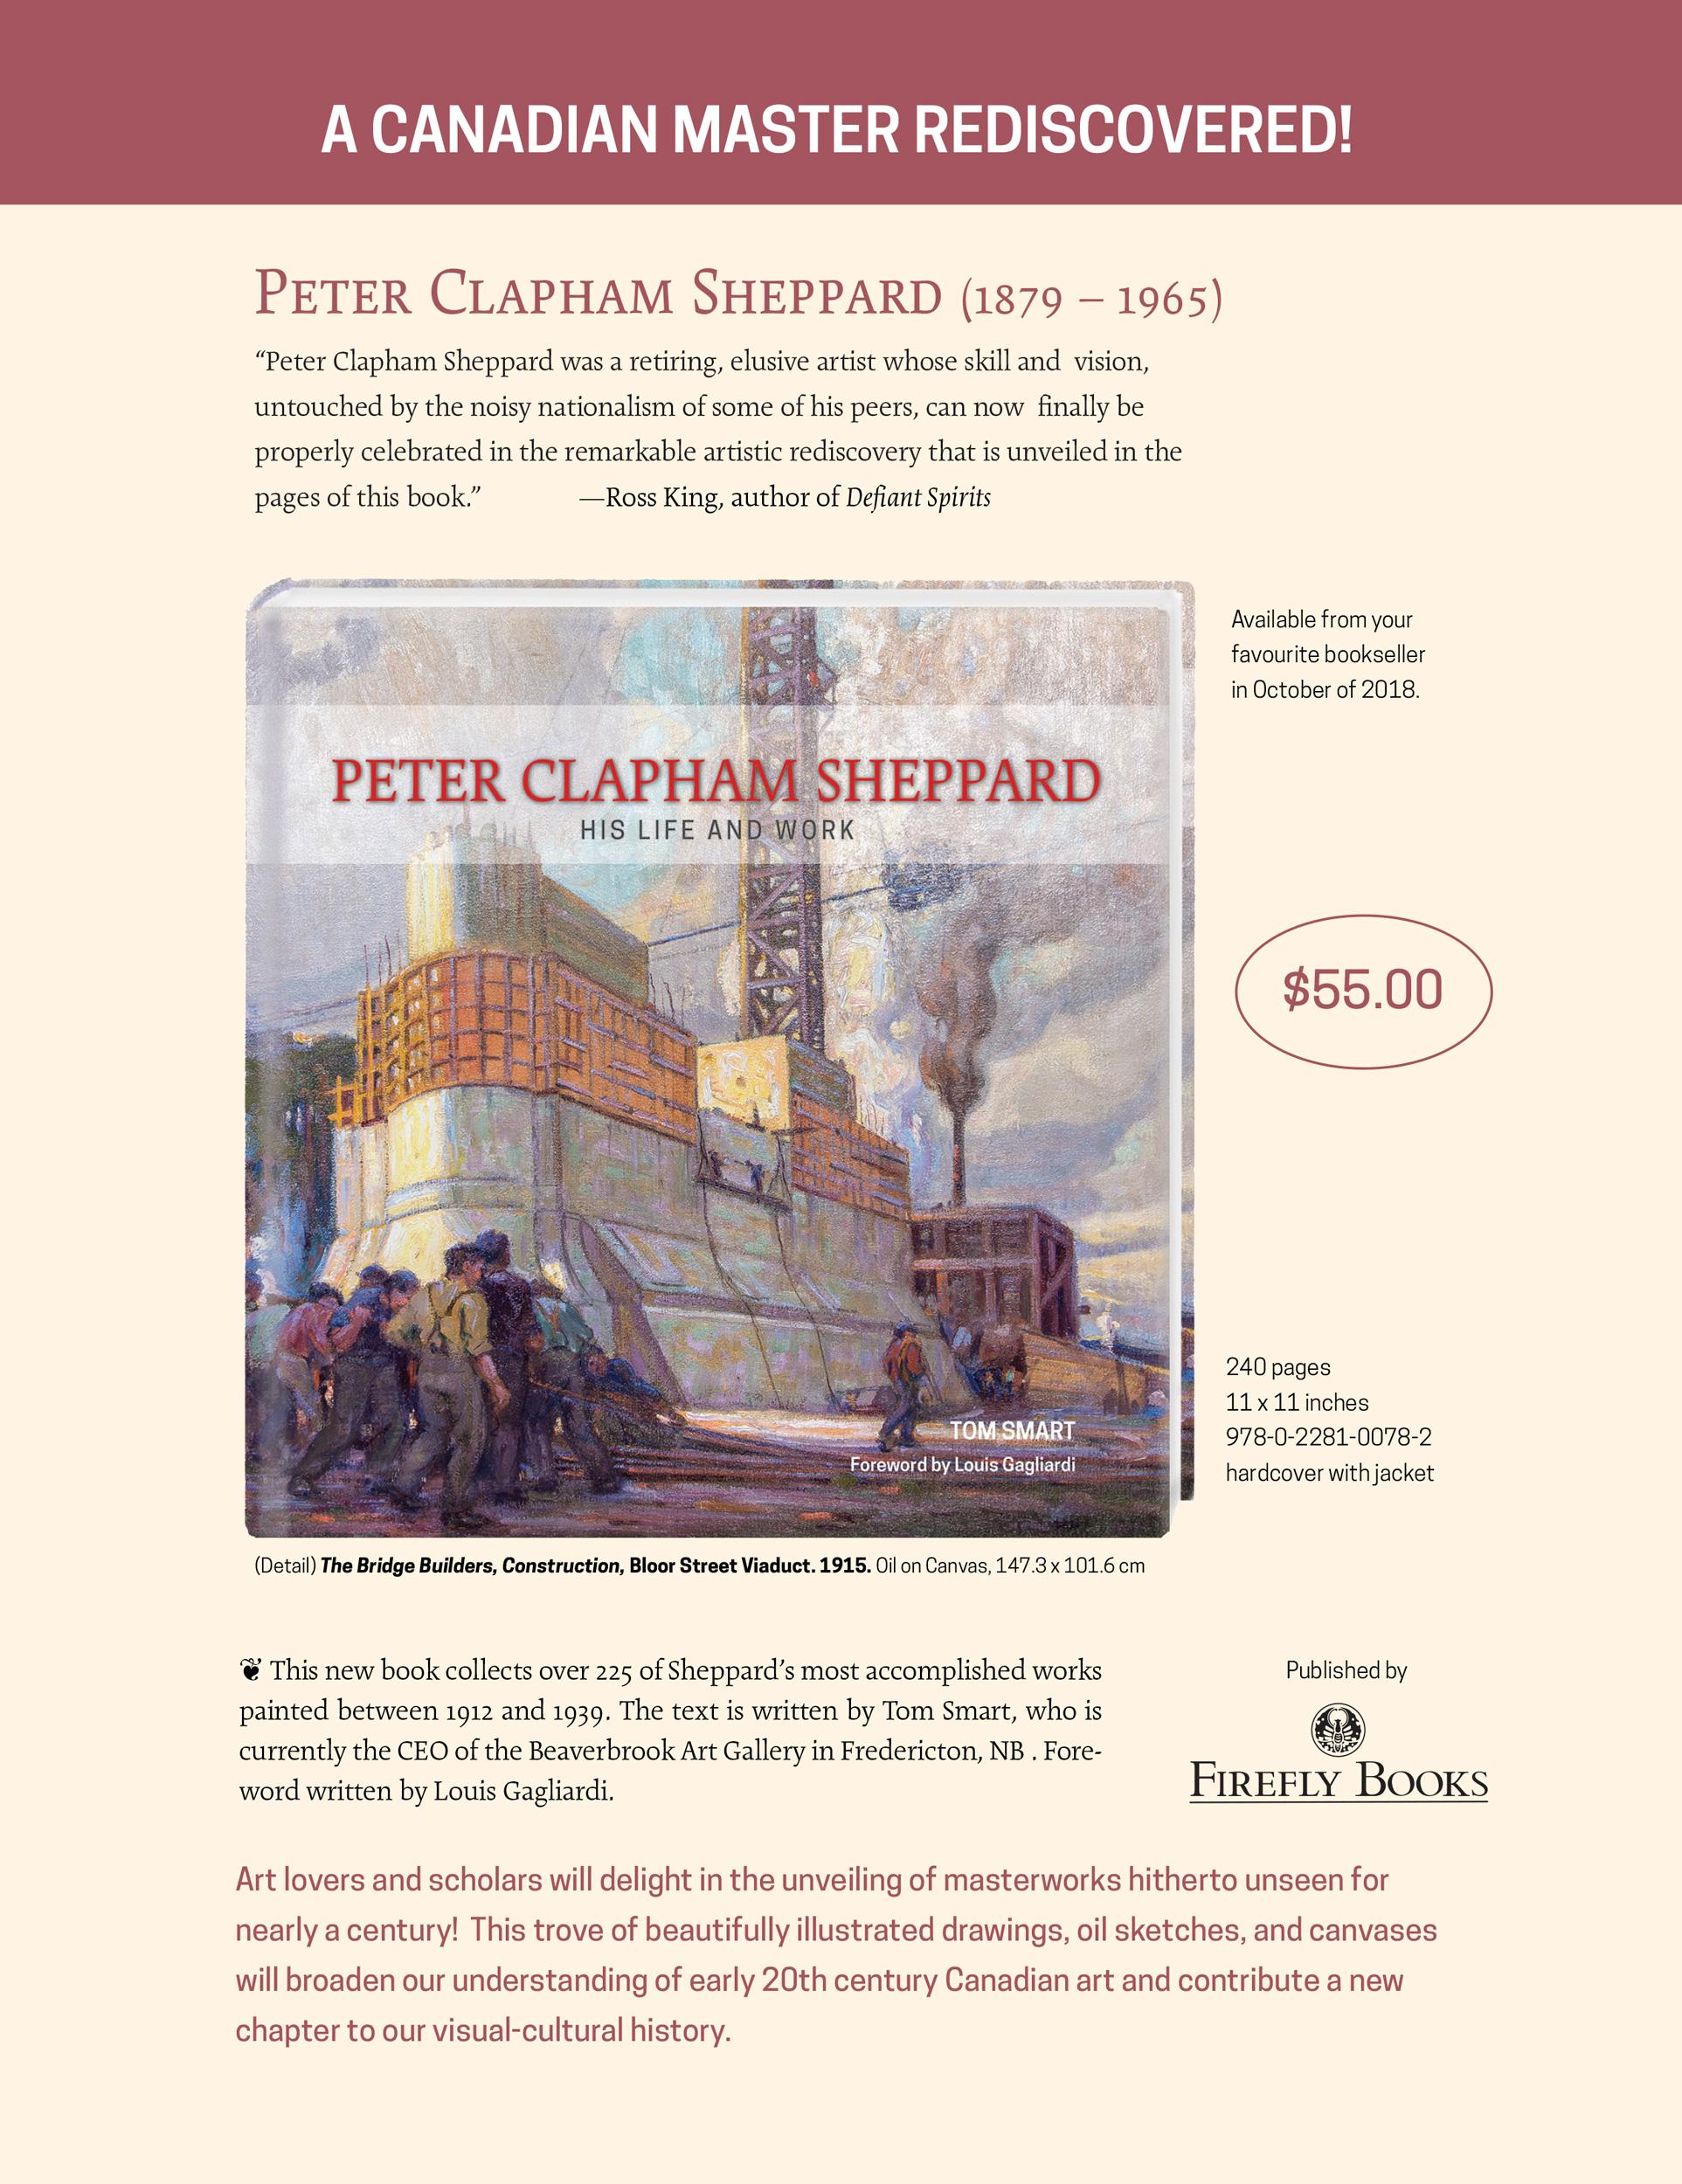 Peter Clapham Sheppard Book